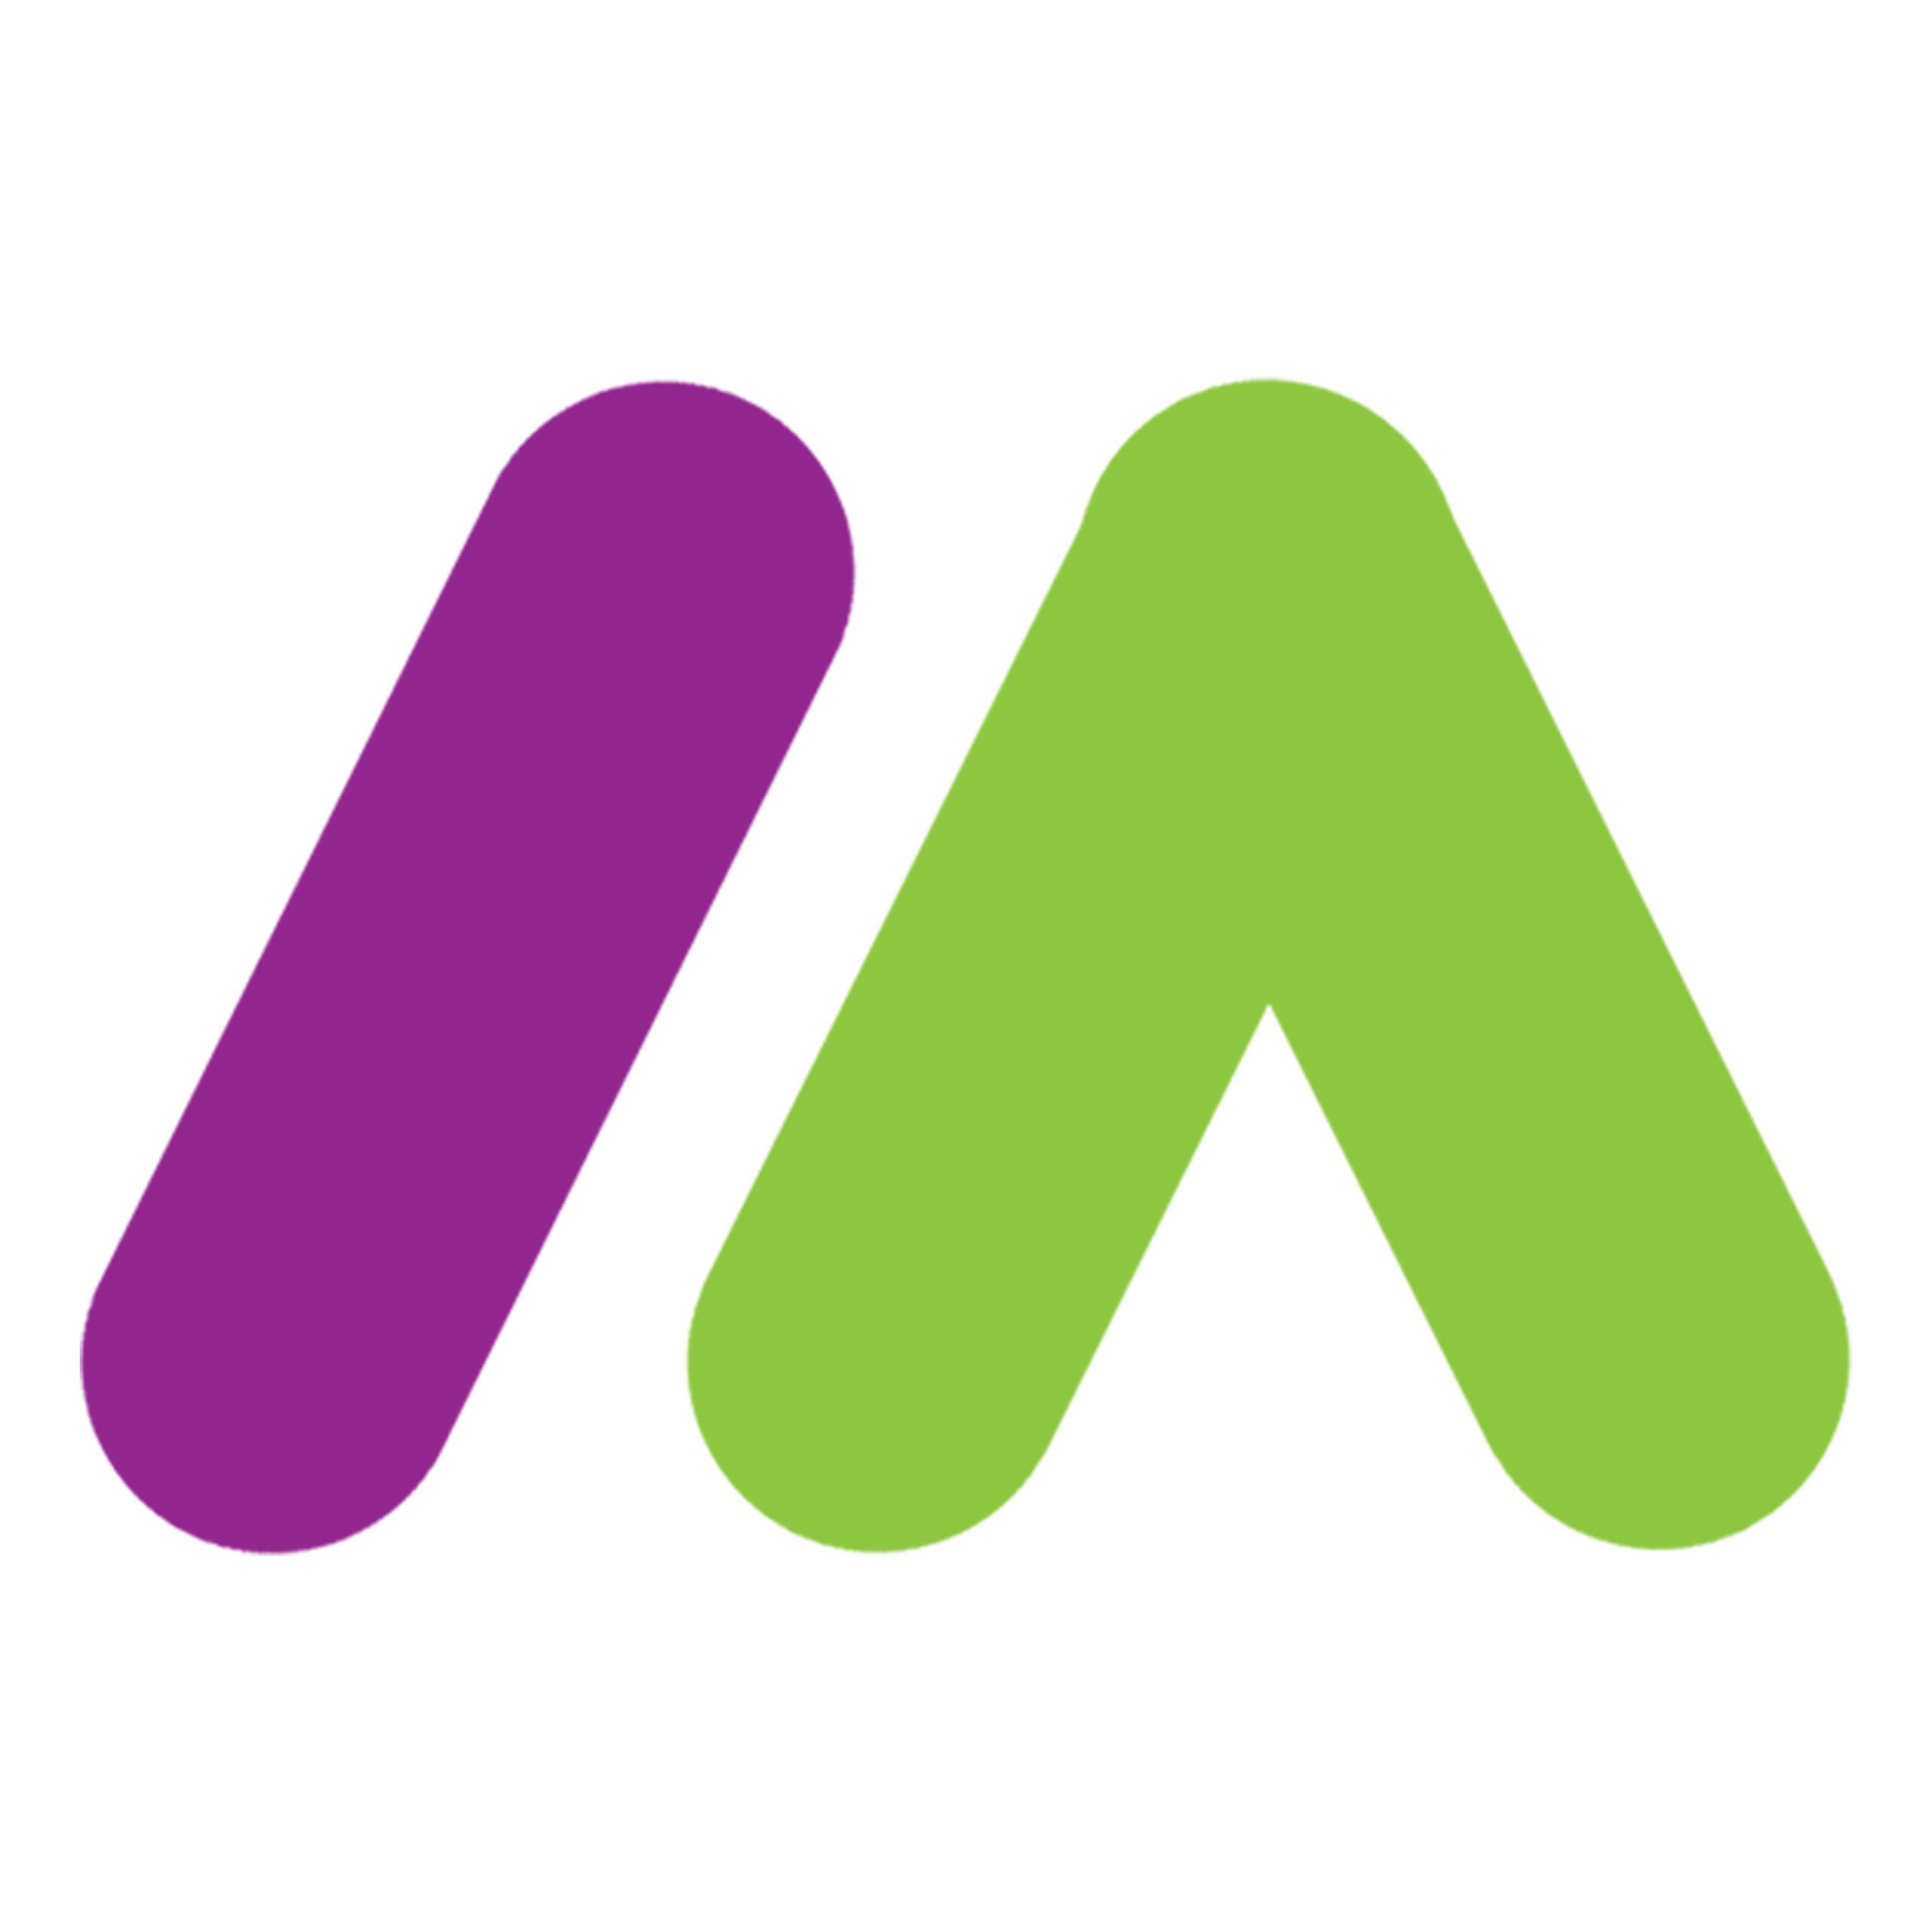 Maha Chemicals Asia Pte Ltd